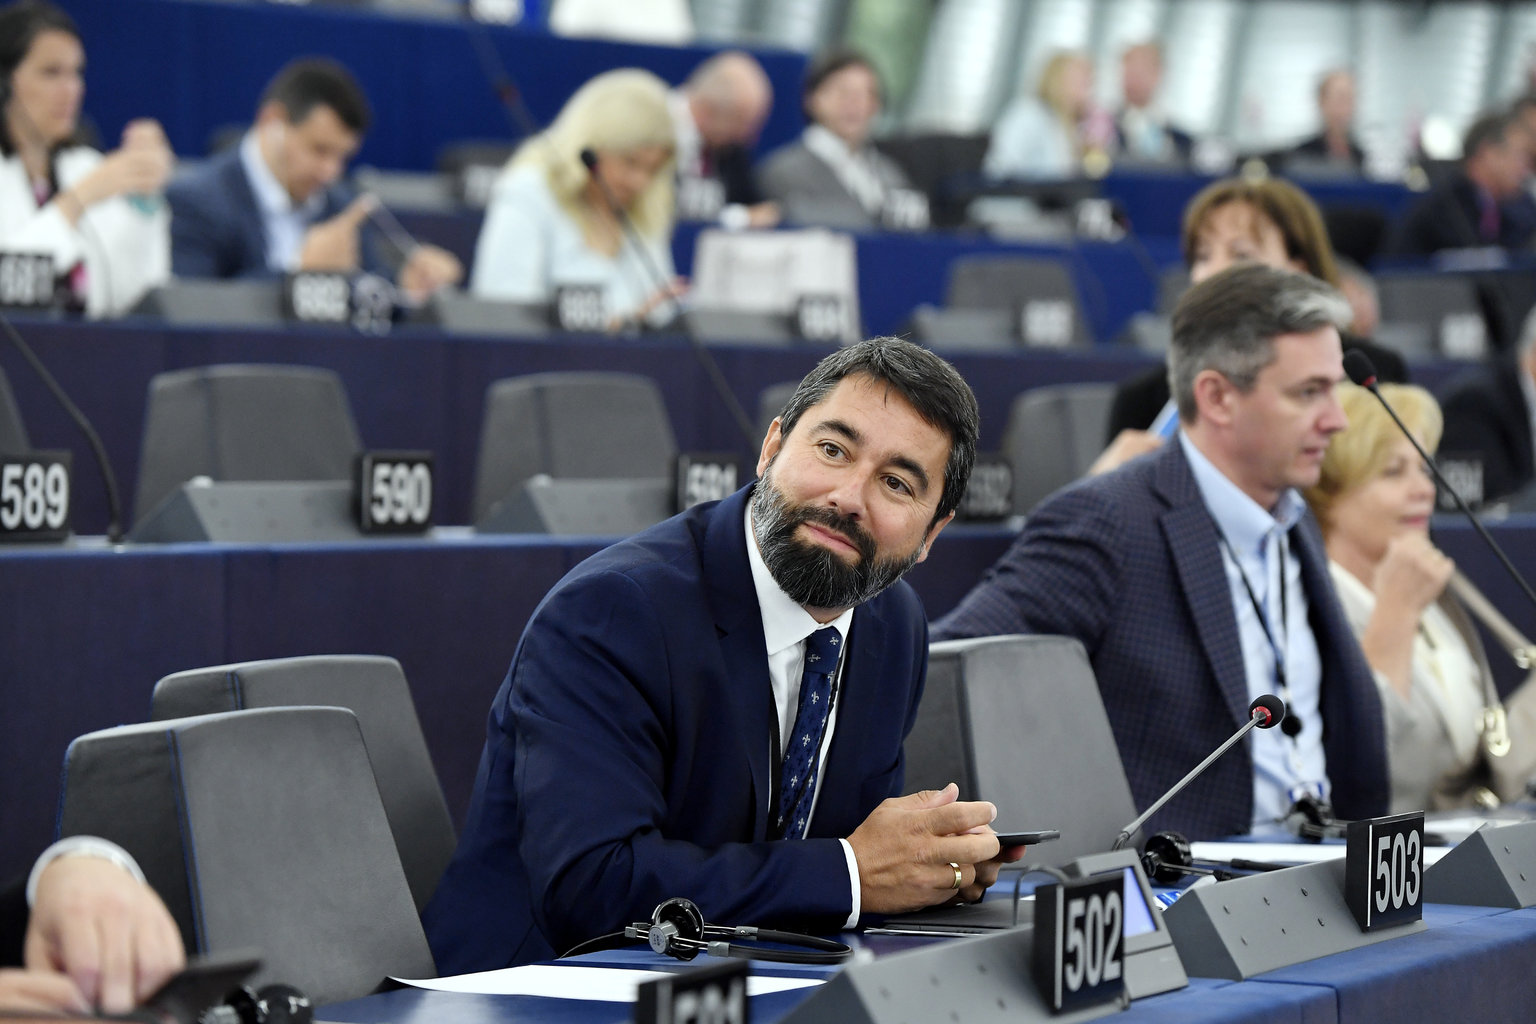 Hidvéghi Balázs, a FIDESZ-KDNP képviselője az Európai Parlament  plenáris ülésén Strasbourgban (Fotó: MTI/Koszticsák Szilárd)